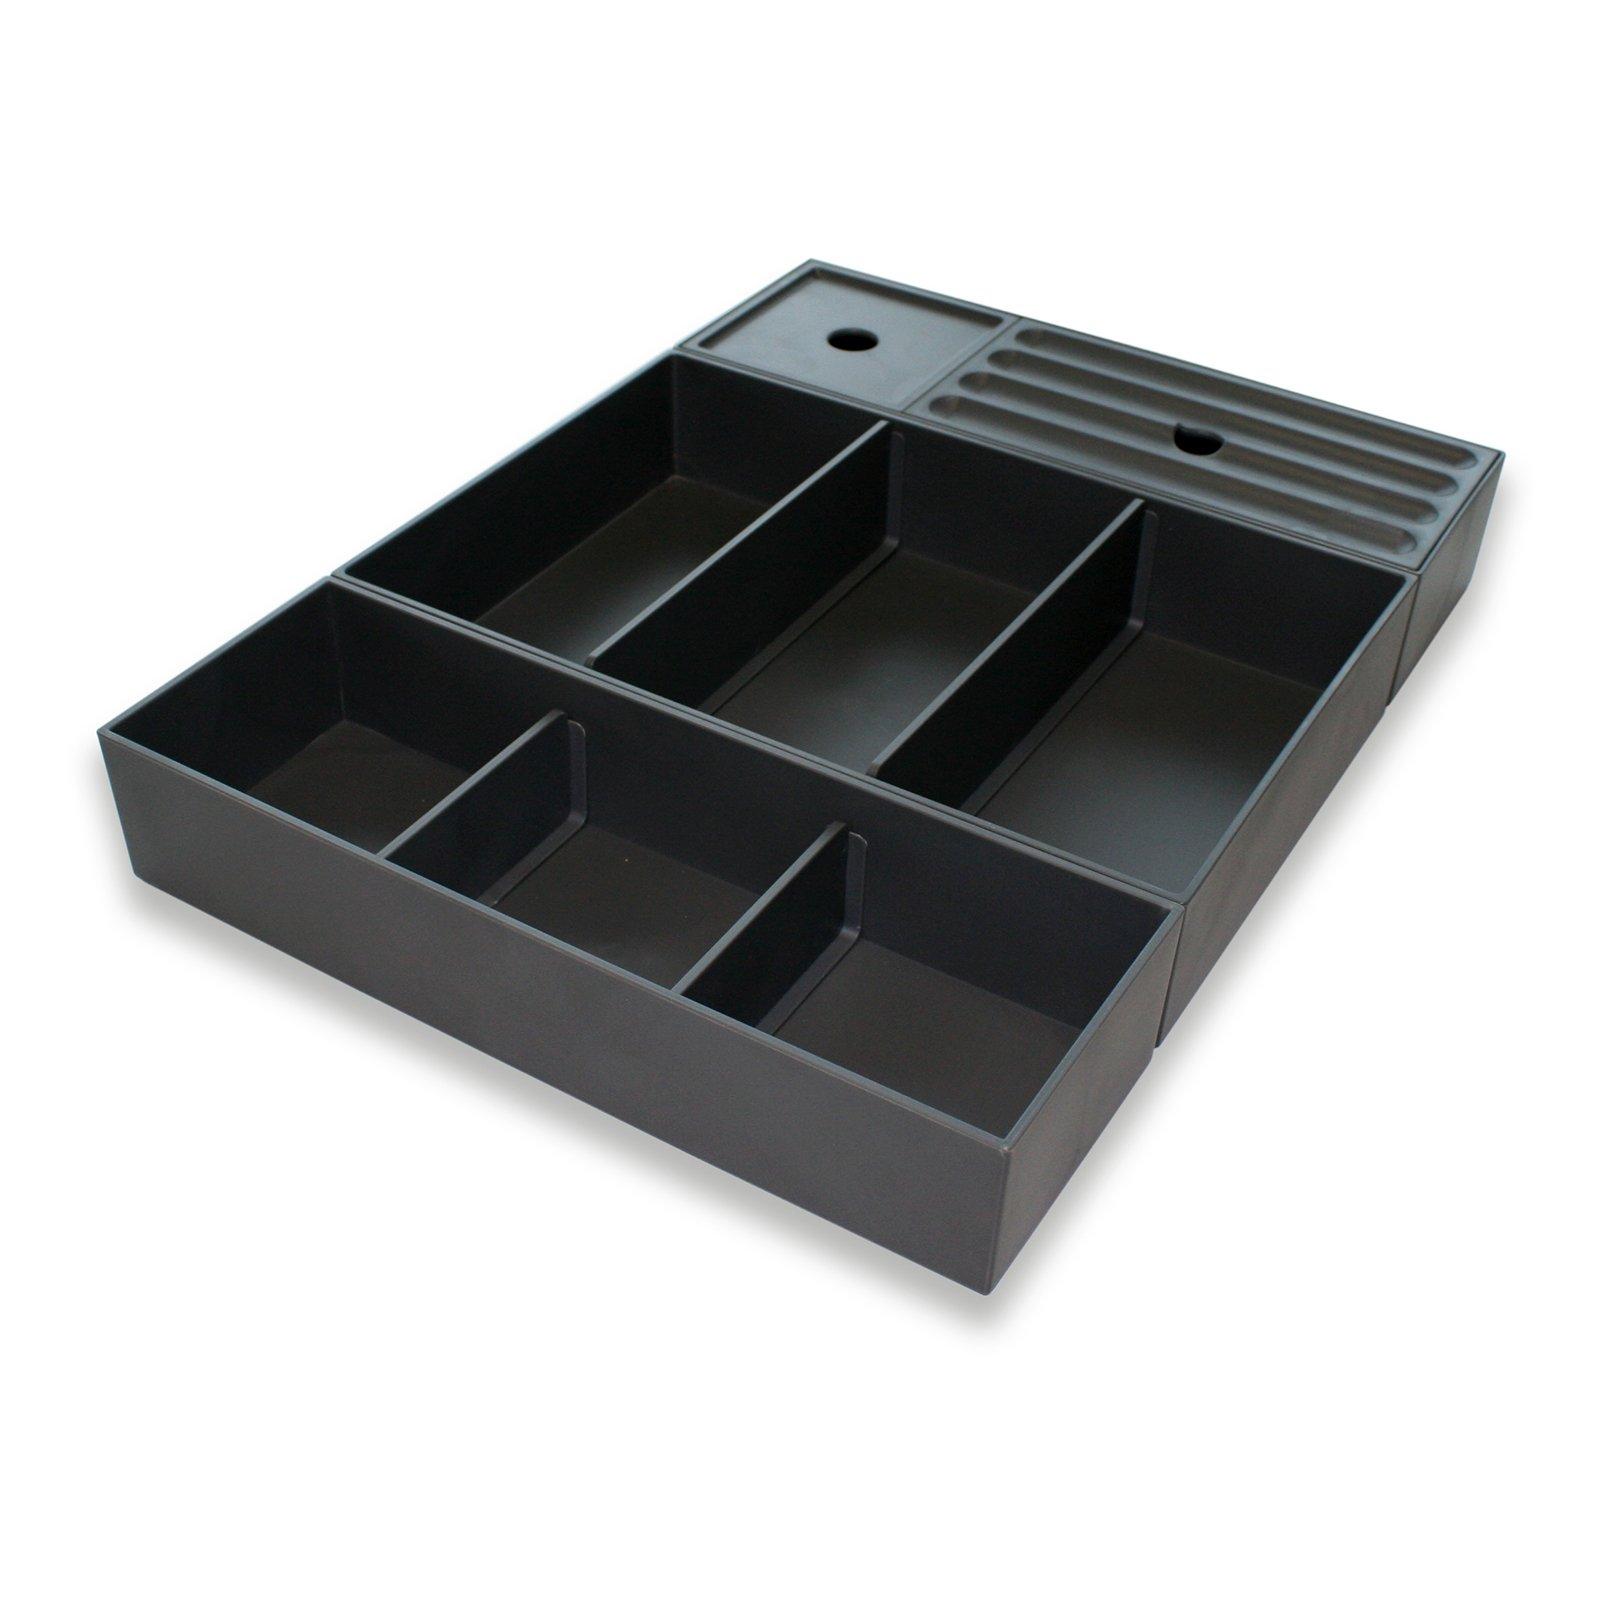 Schubladeneinsatz Kosmetikeinsatz COMBI für Badmöbel - 3-teiliges Set erweiterbar